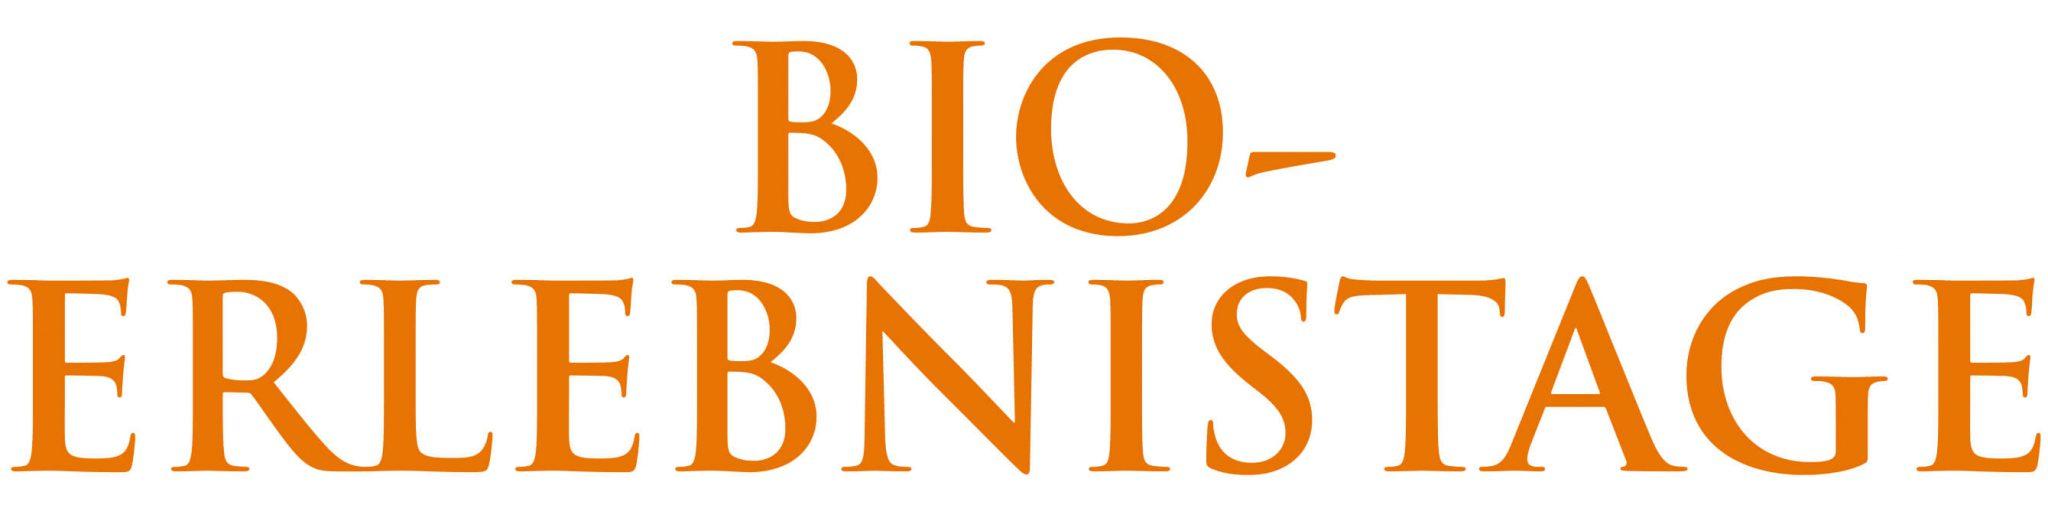 Bio-Erlebnistage